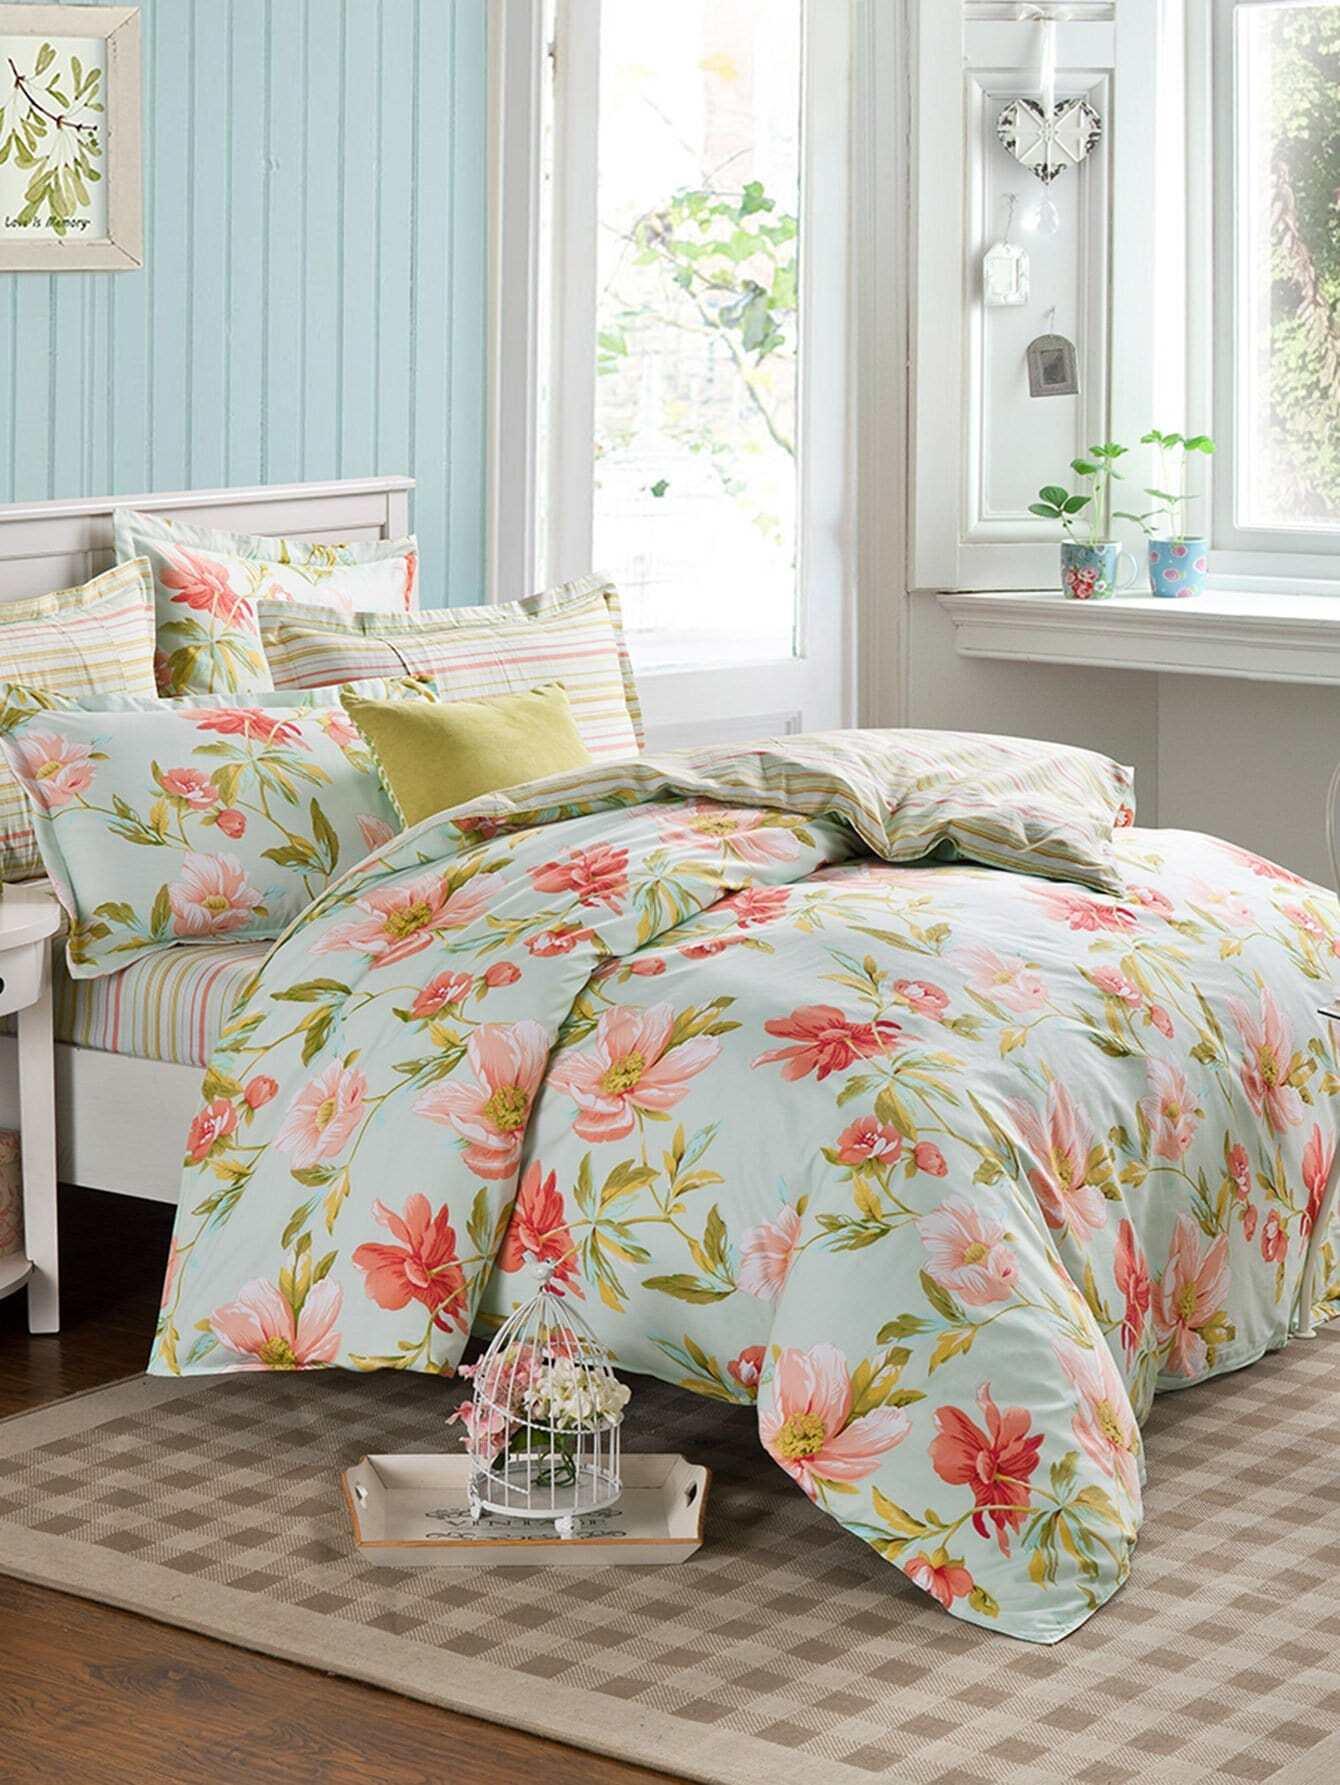 Bettbezug 1PC mit Blumen und Streifen Muster